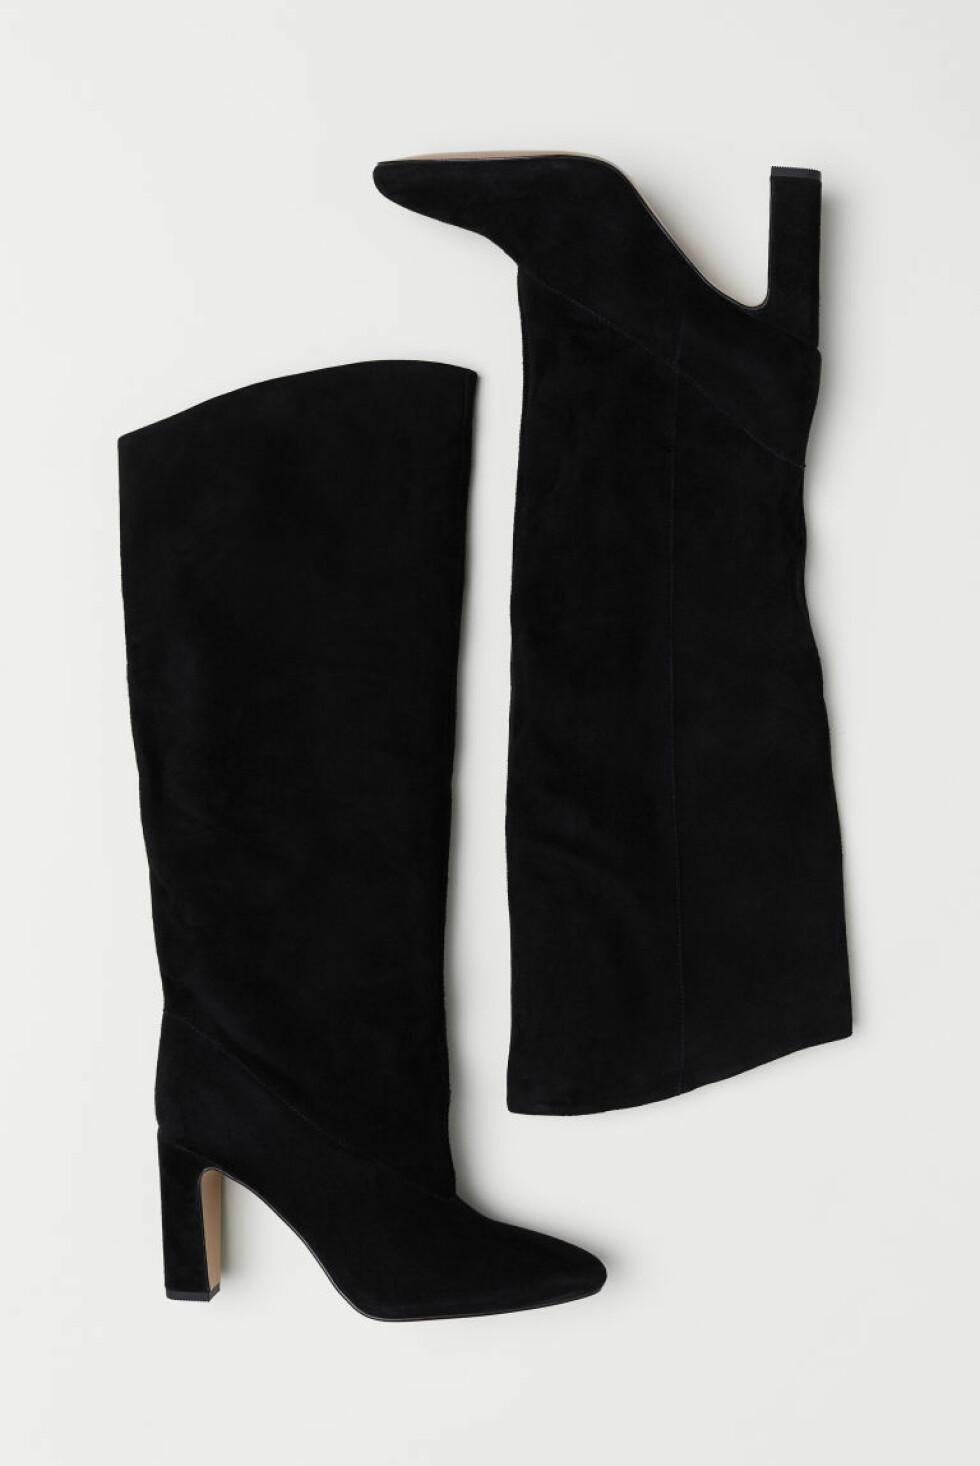 Boots i semsket skinn fra H&M |800,-| https://www2.hm.com/no_no/productpage.0521978001.html